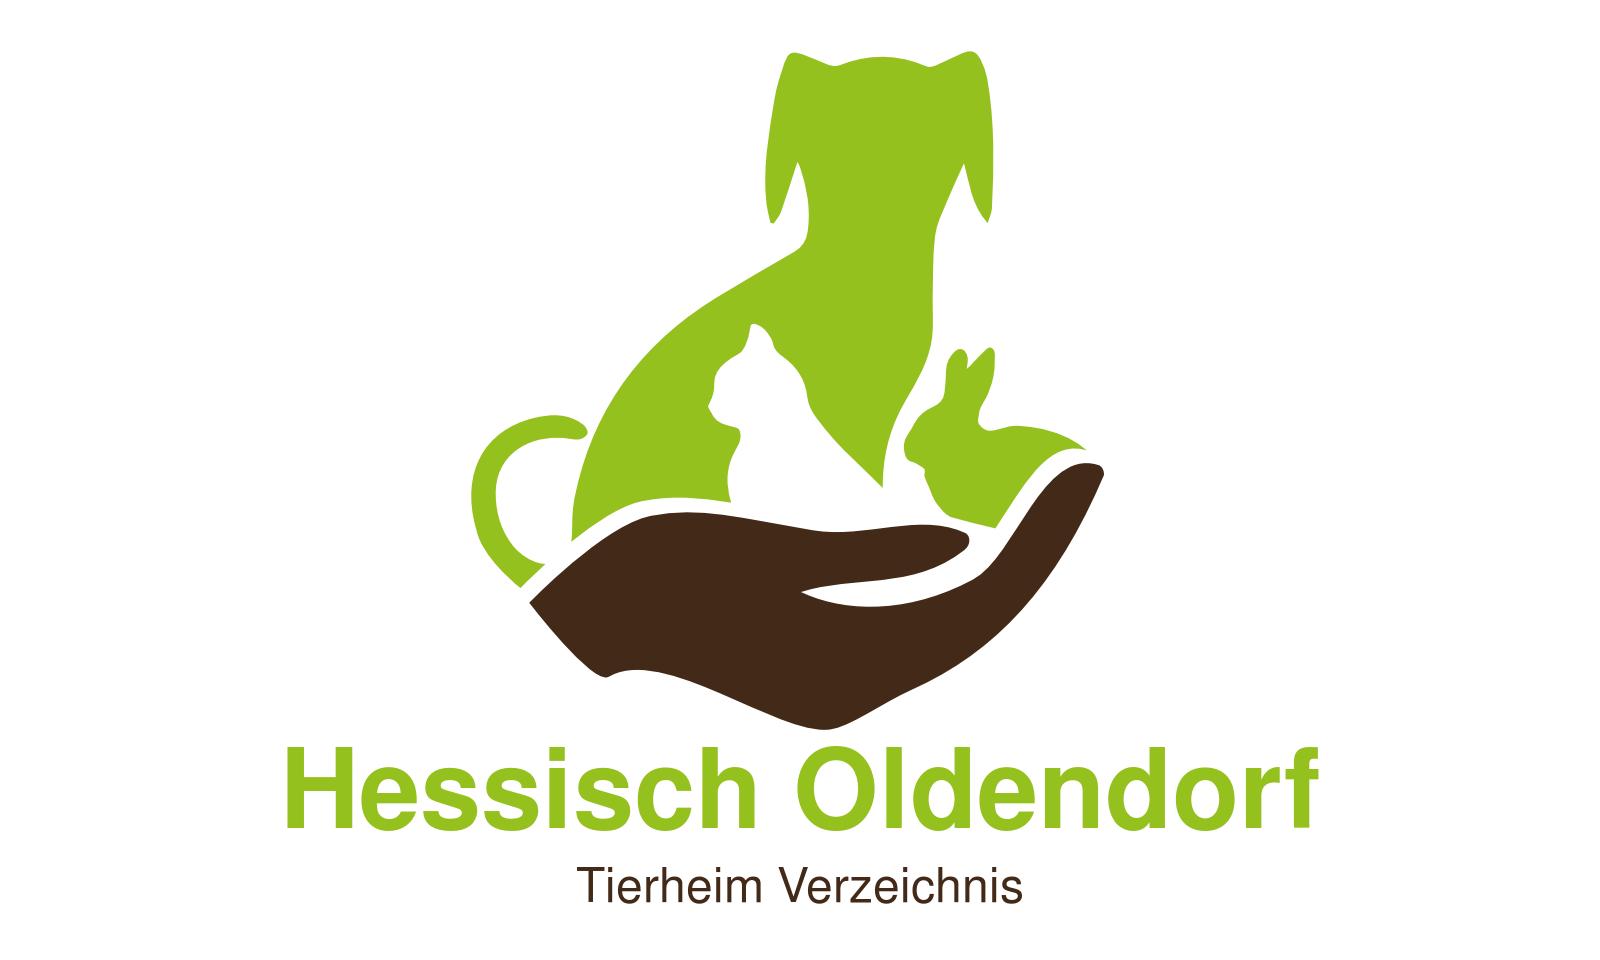 Tierheim Hessisch Oldendorf